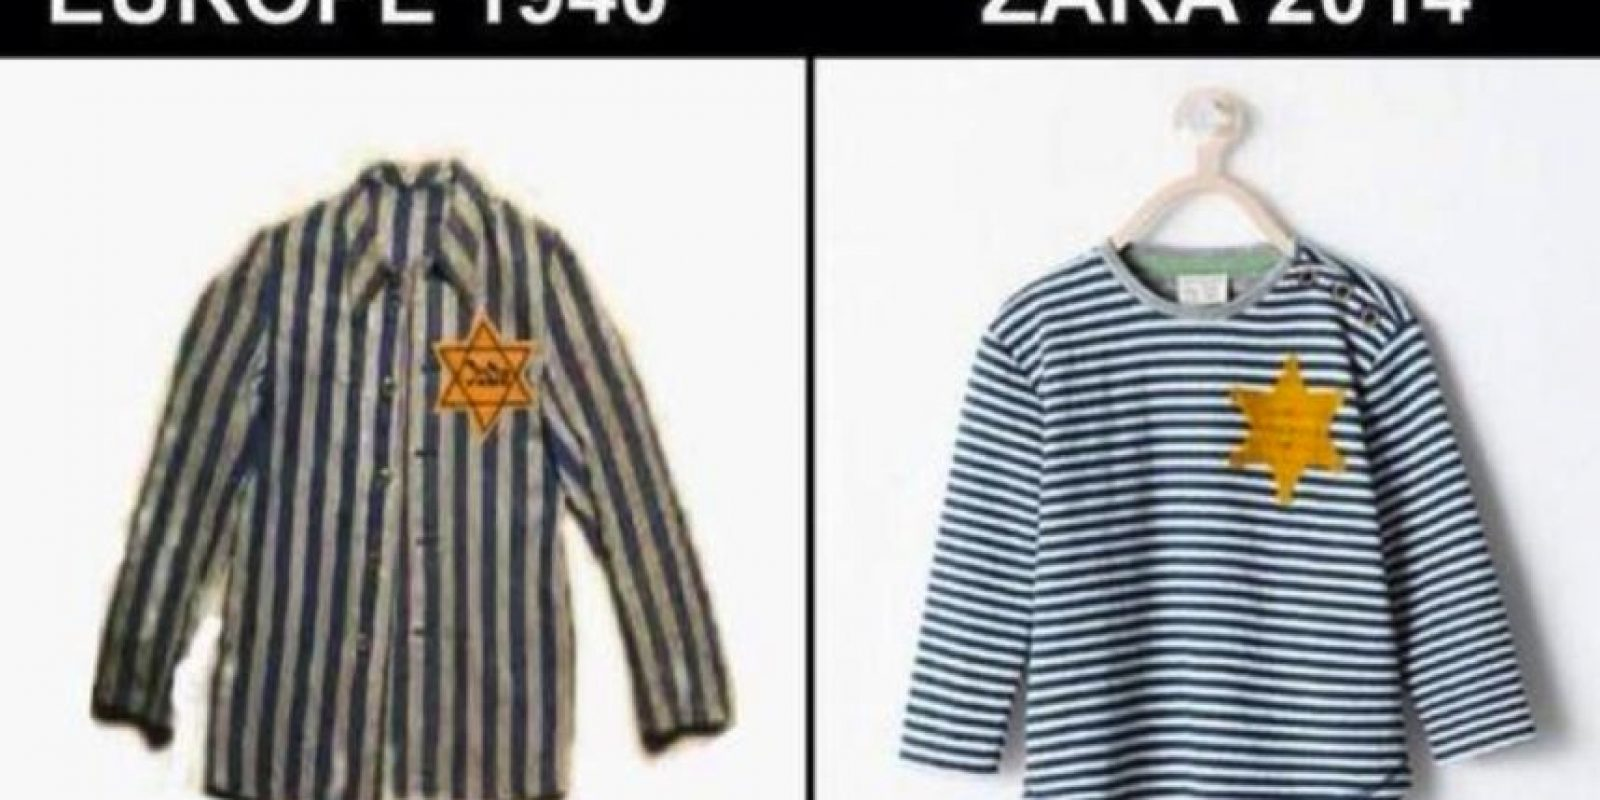 """Se trataba de una camiseta de inspiración """"sheriff"""" que estaba en su línea infantil, pero que rememoraba claramente al uniforme que usaban los prisioneros de los campos de concentración nazis en el Holocausto Foto:Twitter.com – Archivo"""